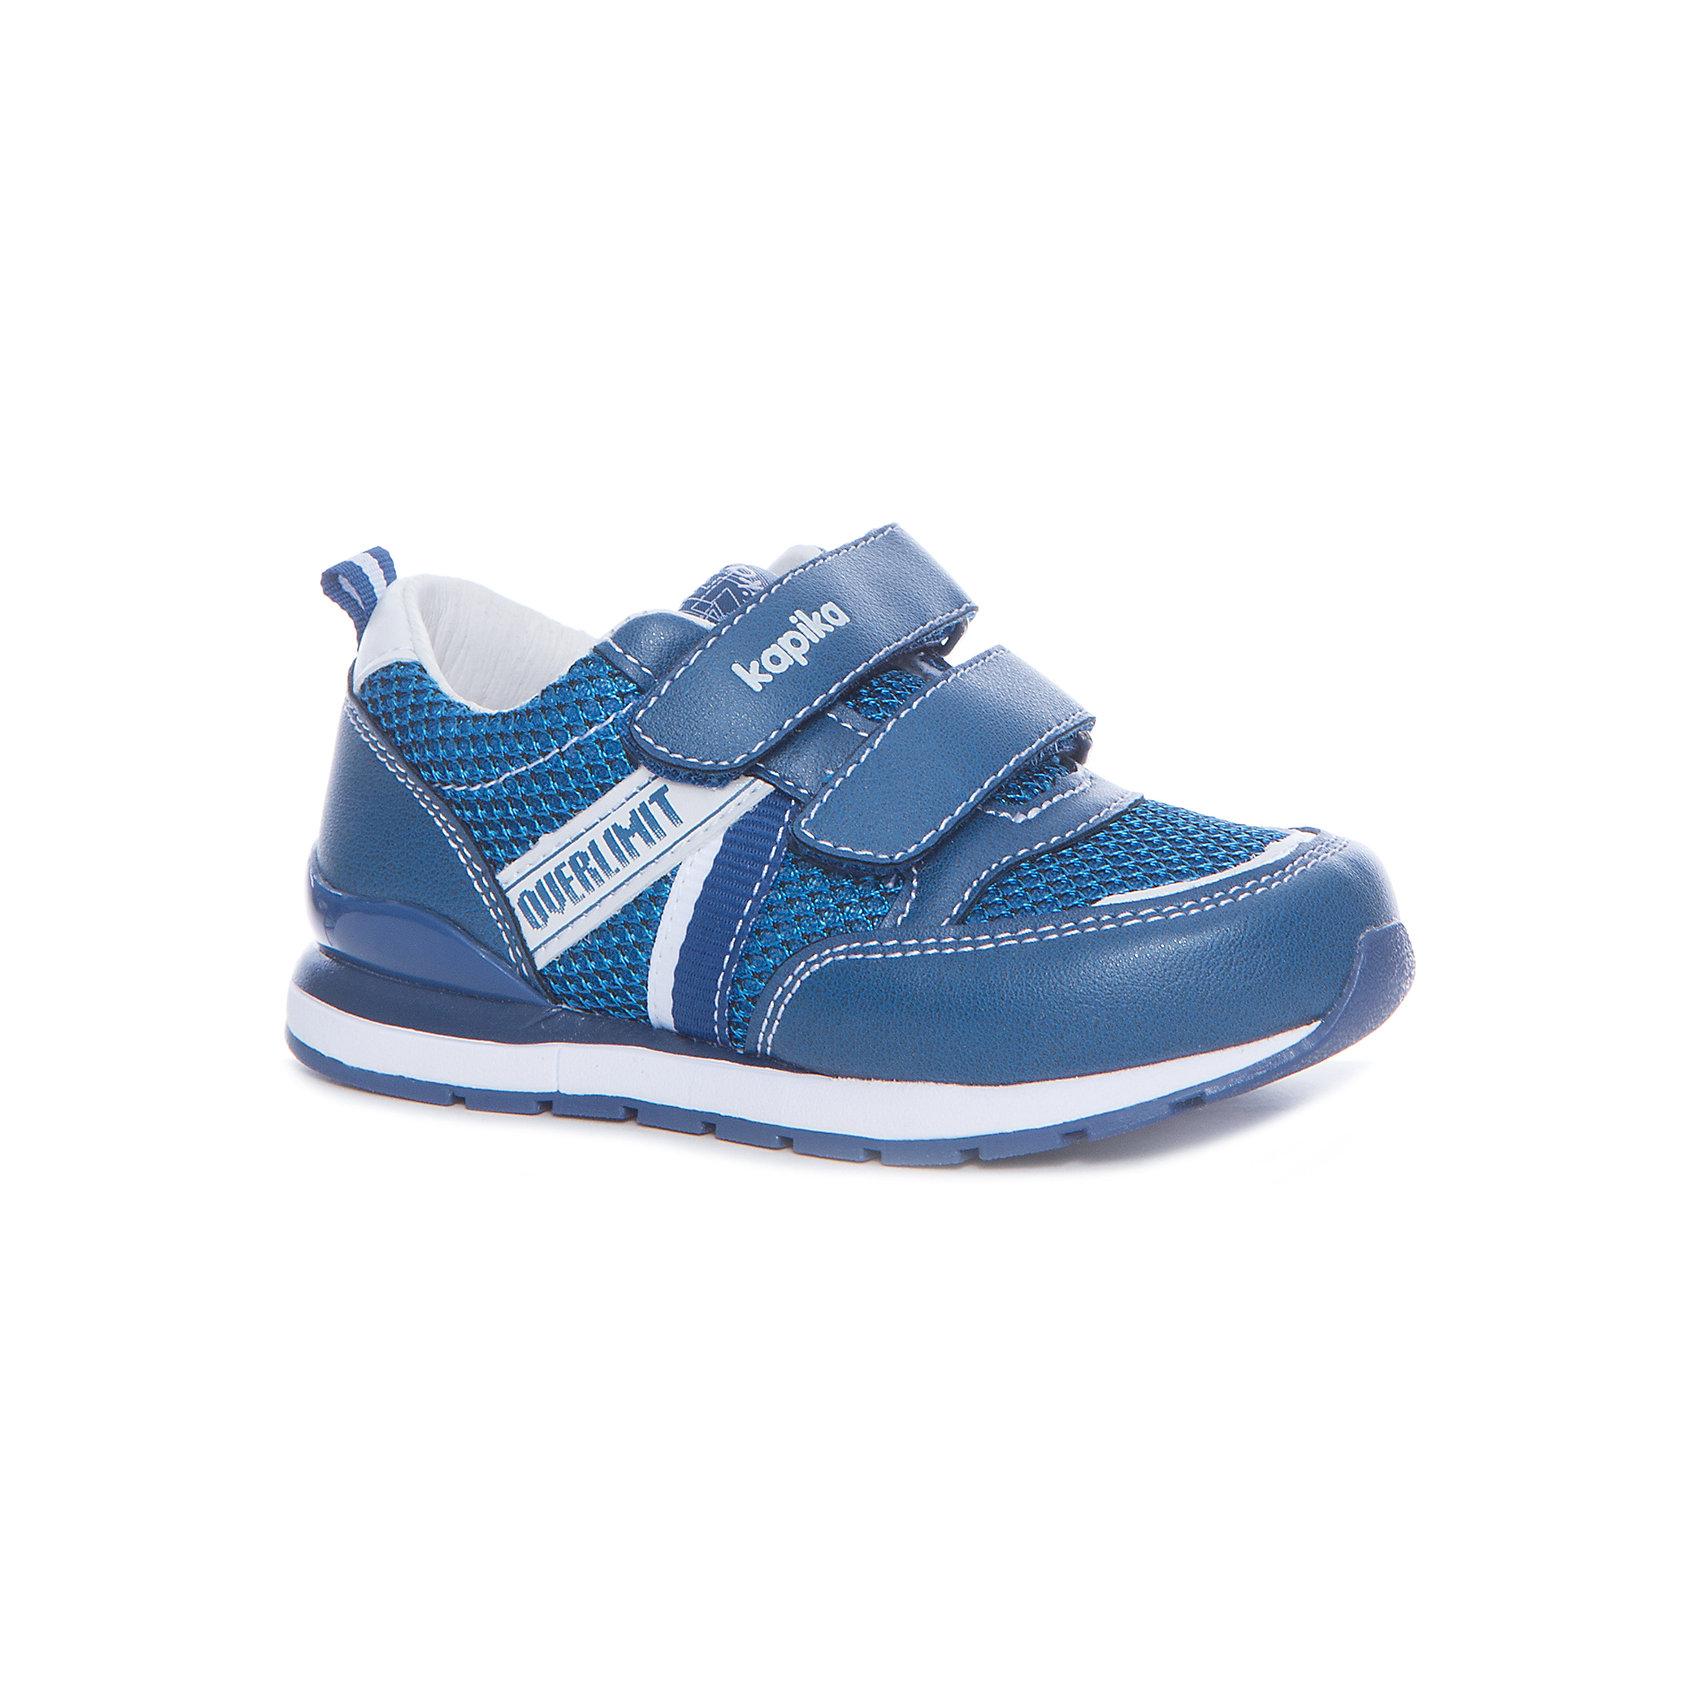 Кроссовки для мальчика KAPIKA, синийКроссовки<br>Характеристики товара:<br><br>• цвет: голубой <br>• спортивный стиль<br>• внешний материал обуви: искуственная кожа, текстить<br>• внутренний материал: текстиль<br>• стелька: текстиль<br>• подошва:ТЭП+ЭВА<br>• тип застежки: на липучках<br>• сезон:круглый год<br>• температурный режимот +10°до +20°С<br>• облегченная подошва<br>• защищенный мыс <br>• страна бренда: Россия<br>• страна изготовитель: Китай<br><br>Кроссовки с облегченной подошвой Капика (Россия) - это комфортная, легкая, удобная в использовании и уходе спортивная обувь для занятий спортом и активных прогулок. <br><br>Кроссовки для мальчика Kapika (Капика) можно купить в нашем интернет-магазине.<br><br>Ширина мм: 238<br>Глубина мм: 162<br>Высота мм: 120<br>Вес г: 395<br>Цвет: синий<br>Возраст от месяцев: 72<br>Возраст до месяцев: 84<br>Пол: Мужской<br>Возраст: Детский<br>Размер: 27,30,26,29,28<br>SKU: 5324111